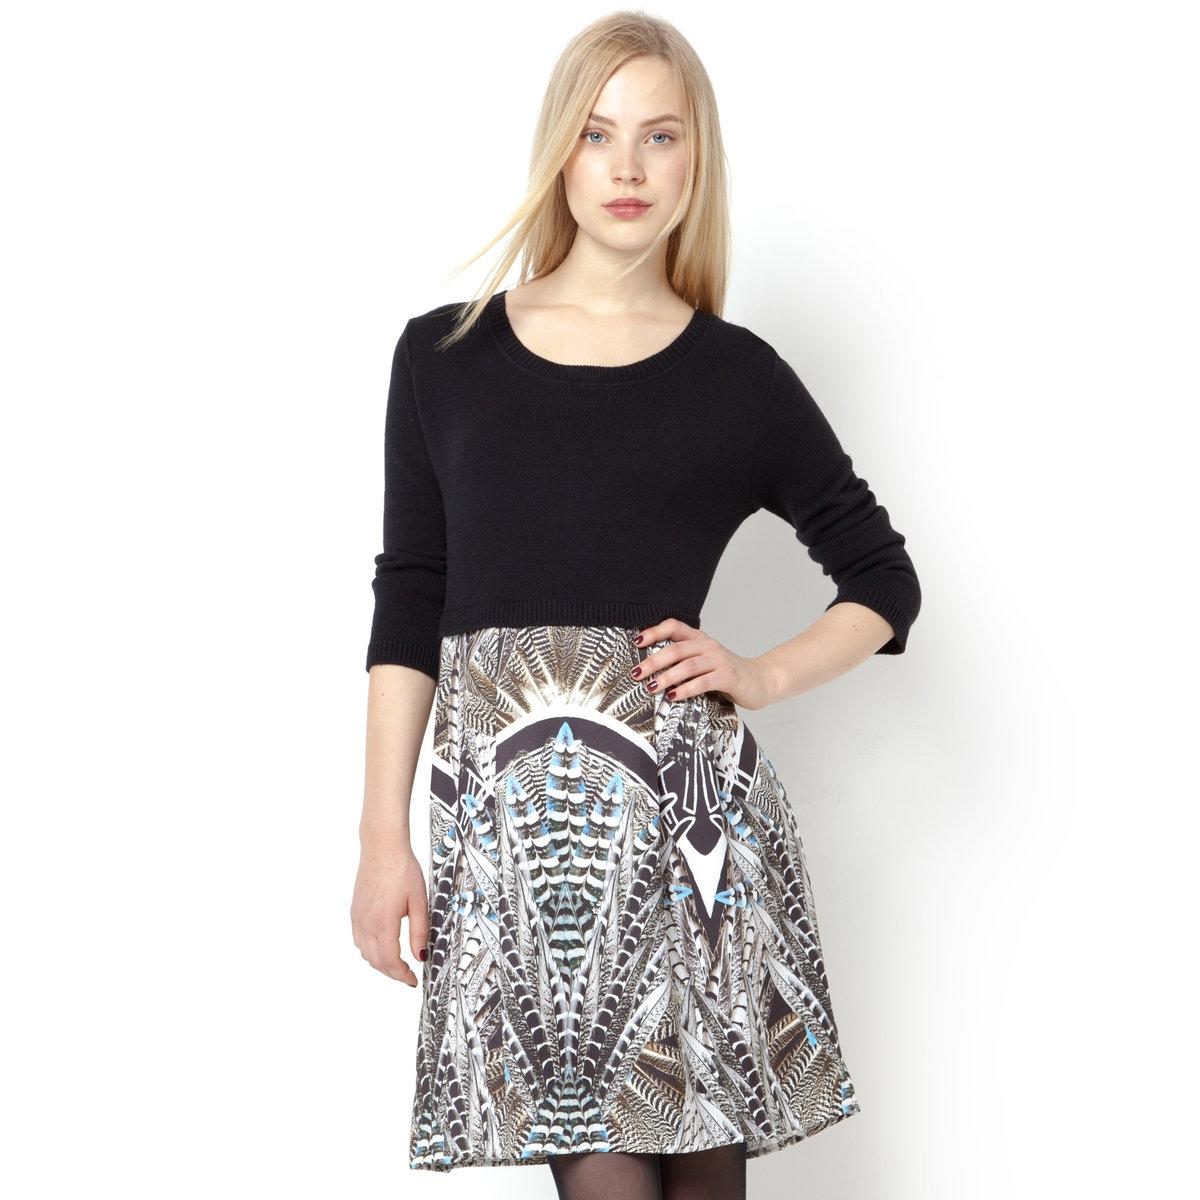 Платье с круглым вырезомПлатье RENE DERHY. 34% шерсти, 34% акрила, 32% полиэстера. Длинные рукава. Круглый вырез.<br><br>Цвет: черный<br>Размер: M